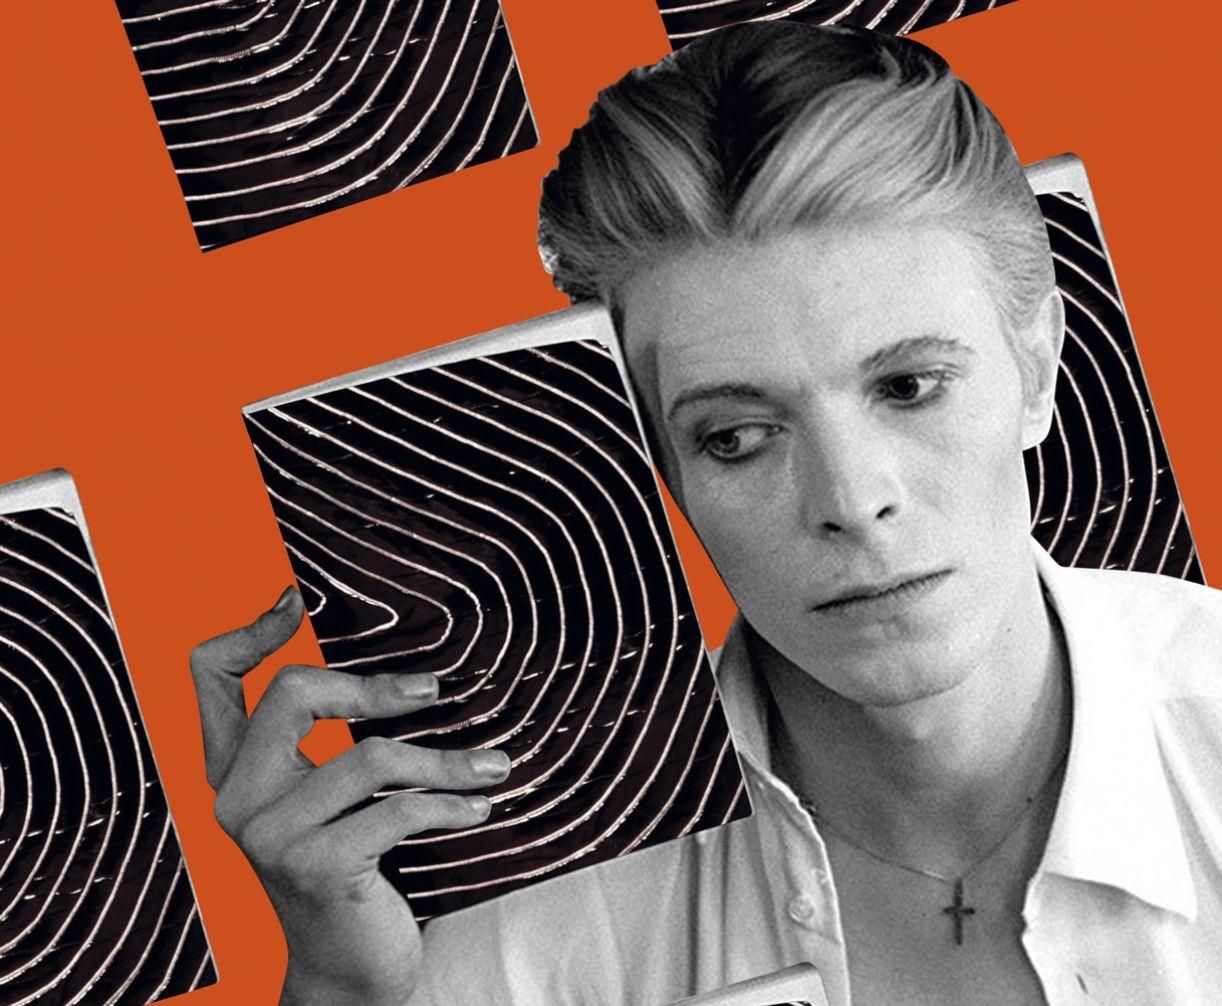 Literatura que influenciou o Camaleão do Rock é explorada em 'Bowie's books'